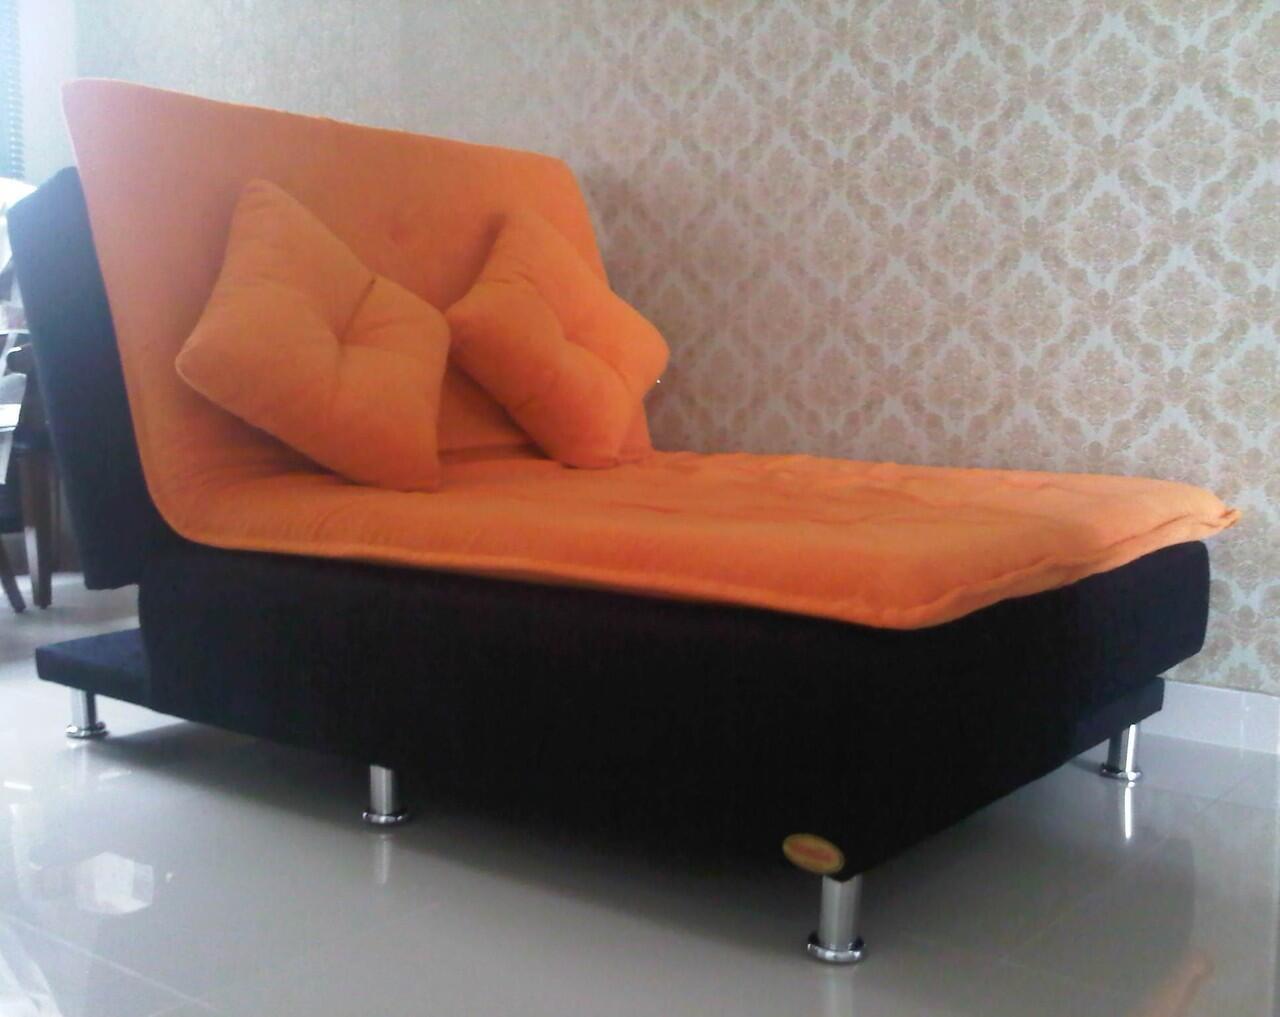 cari di jual sofa bed   kaskus